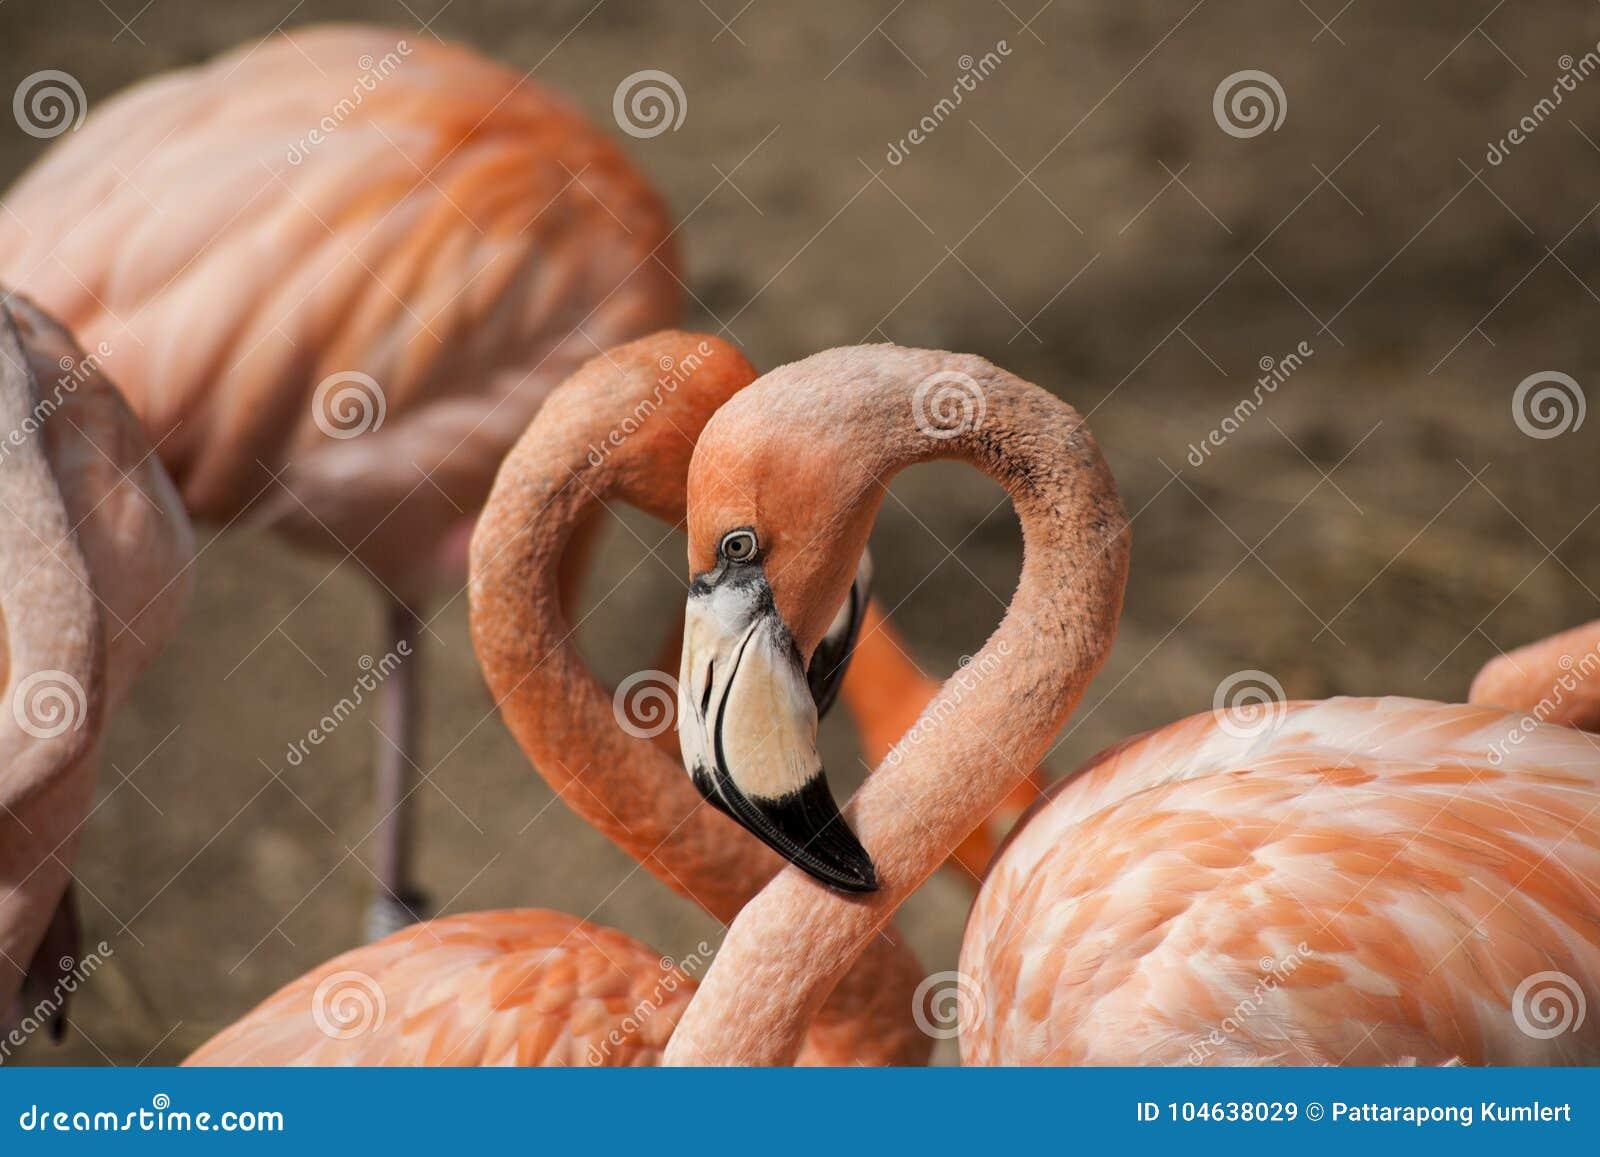 Download De Amerikaanse Flamingo's/de Amerikaanse Flamingo's Phoenicopterus Ruber Zijn Grote Species Van Flamingo Stock Afbeelding - Afbeelding bestaande uit caraïbisch, dier: 104638029